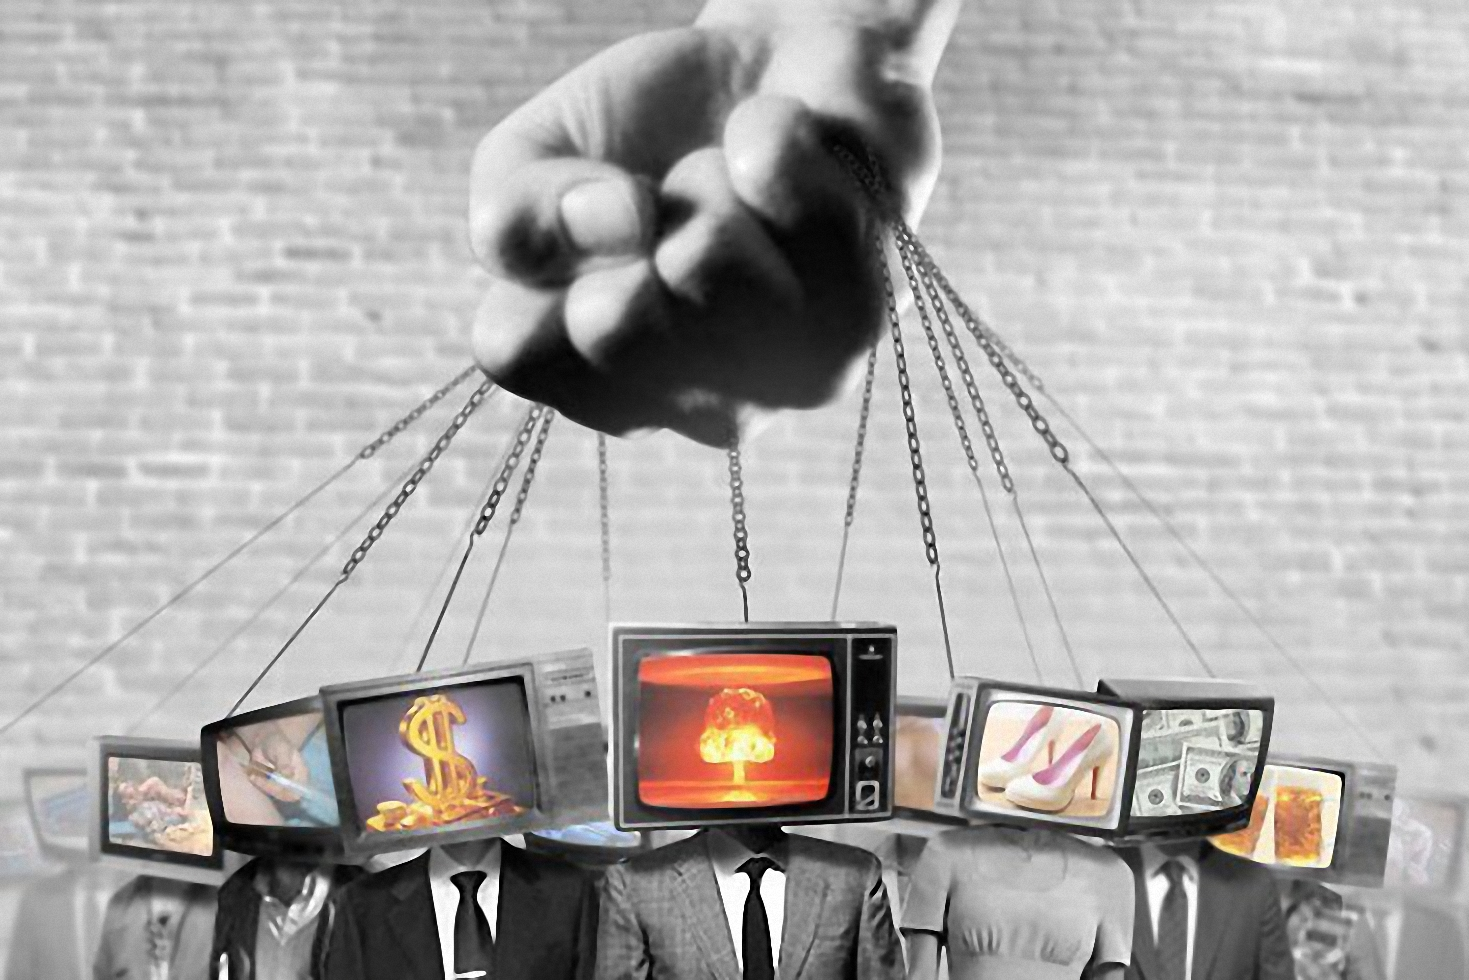 Информационная война: как не попасть на удочку манипуляторов